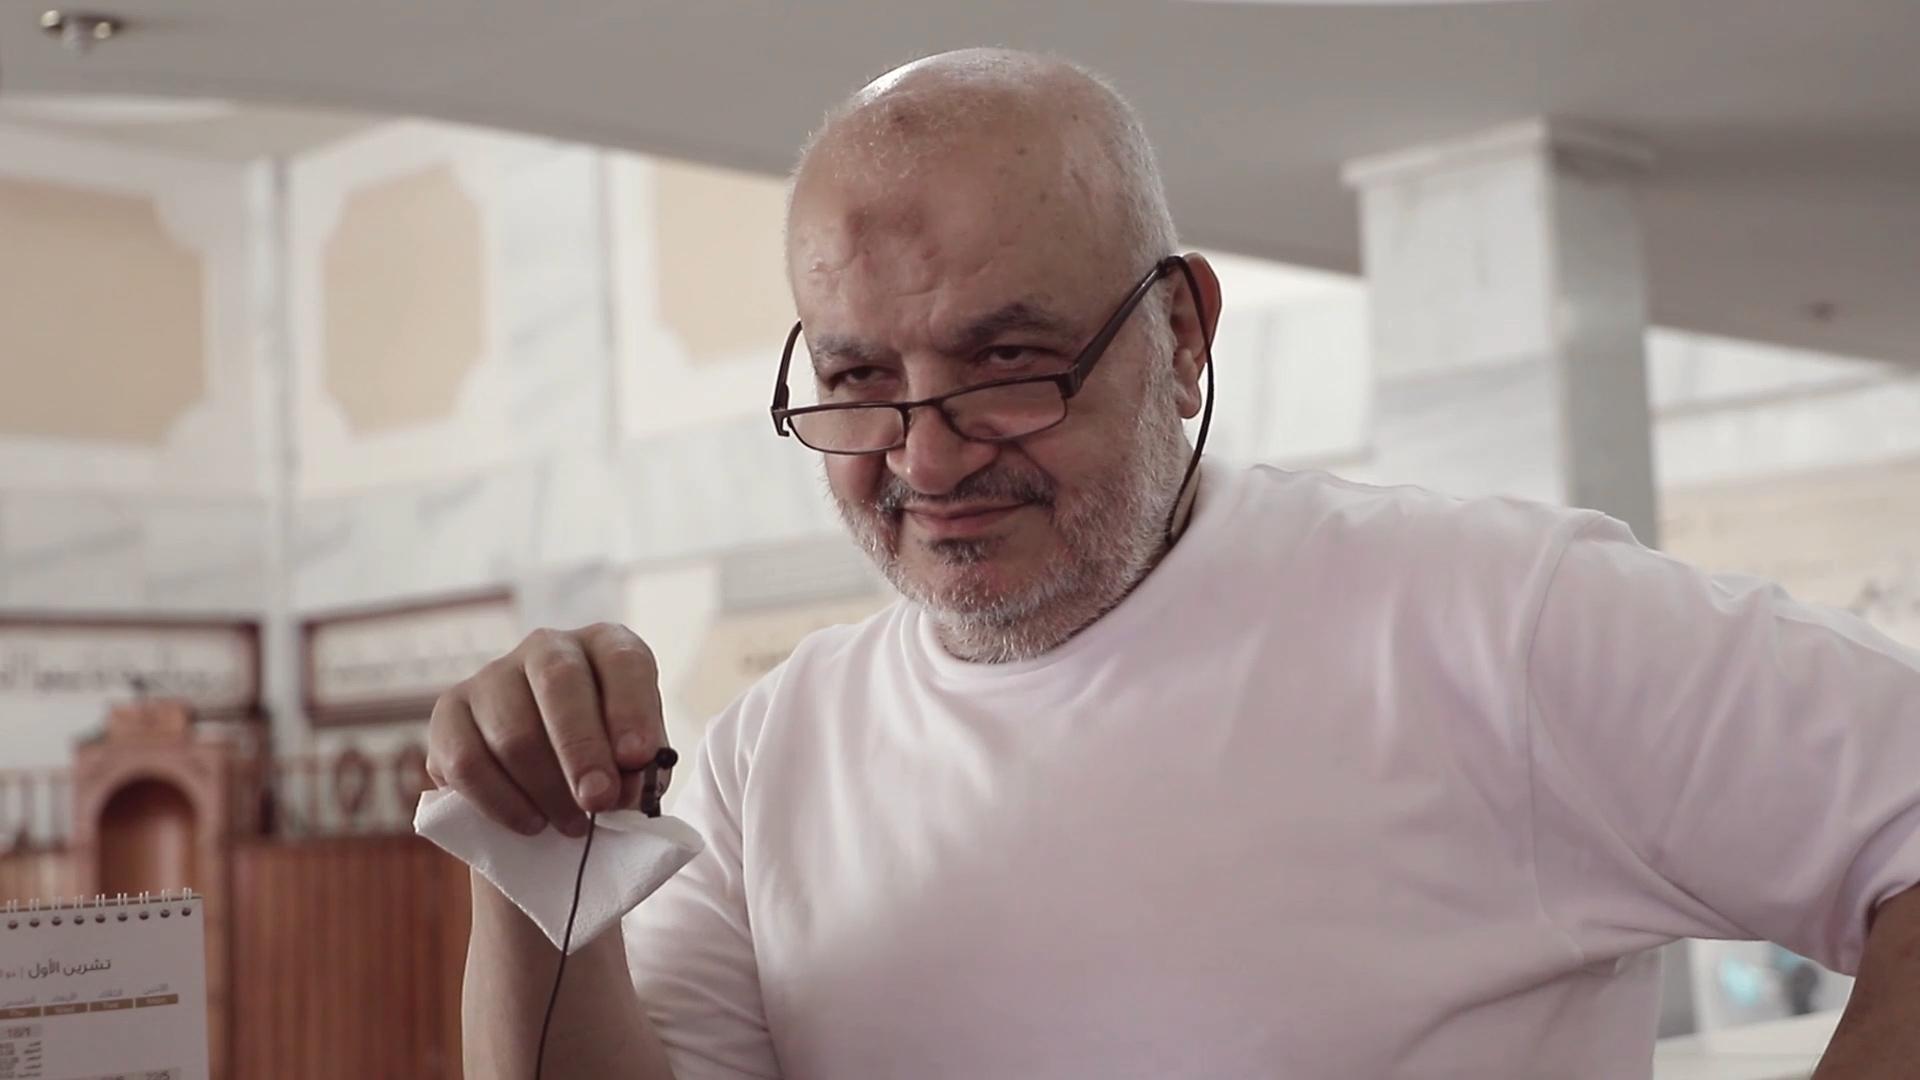 Mohammad Youssef Abdallah, líder de la mezquita verde de Ciudad del Este. Según la justicia estadounidense, también es comandante regional de Hezbollah y jefe recaudador del grupo terrorista en la región (Lihueel Althabe)